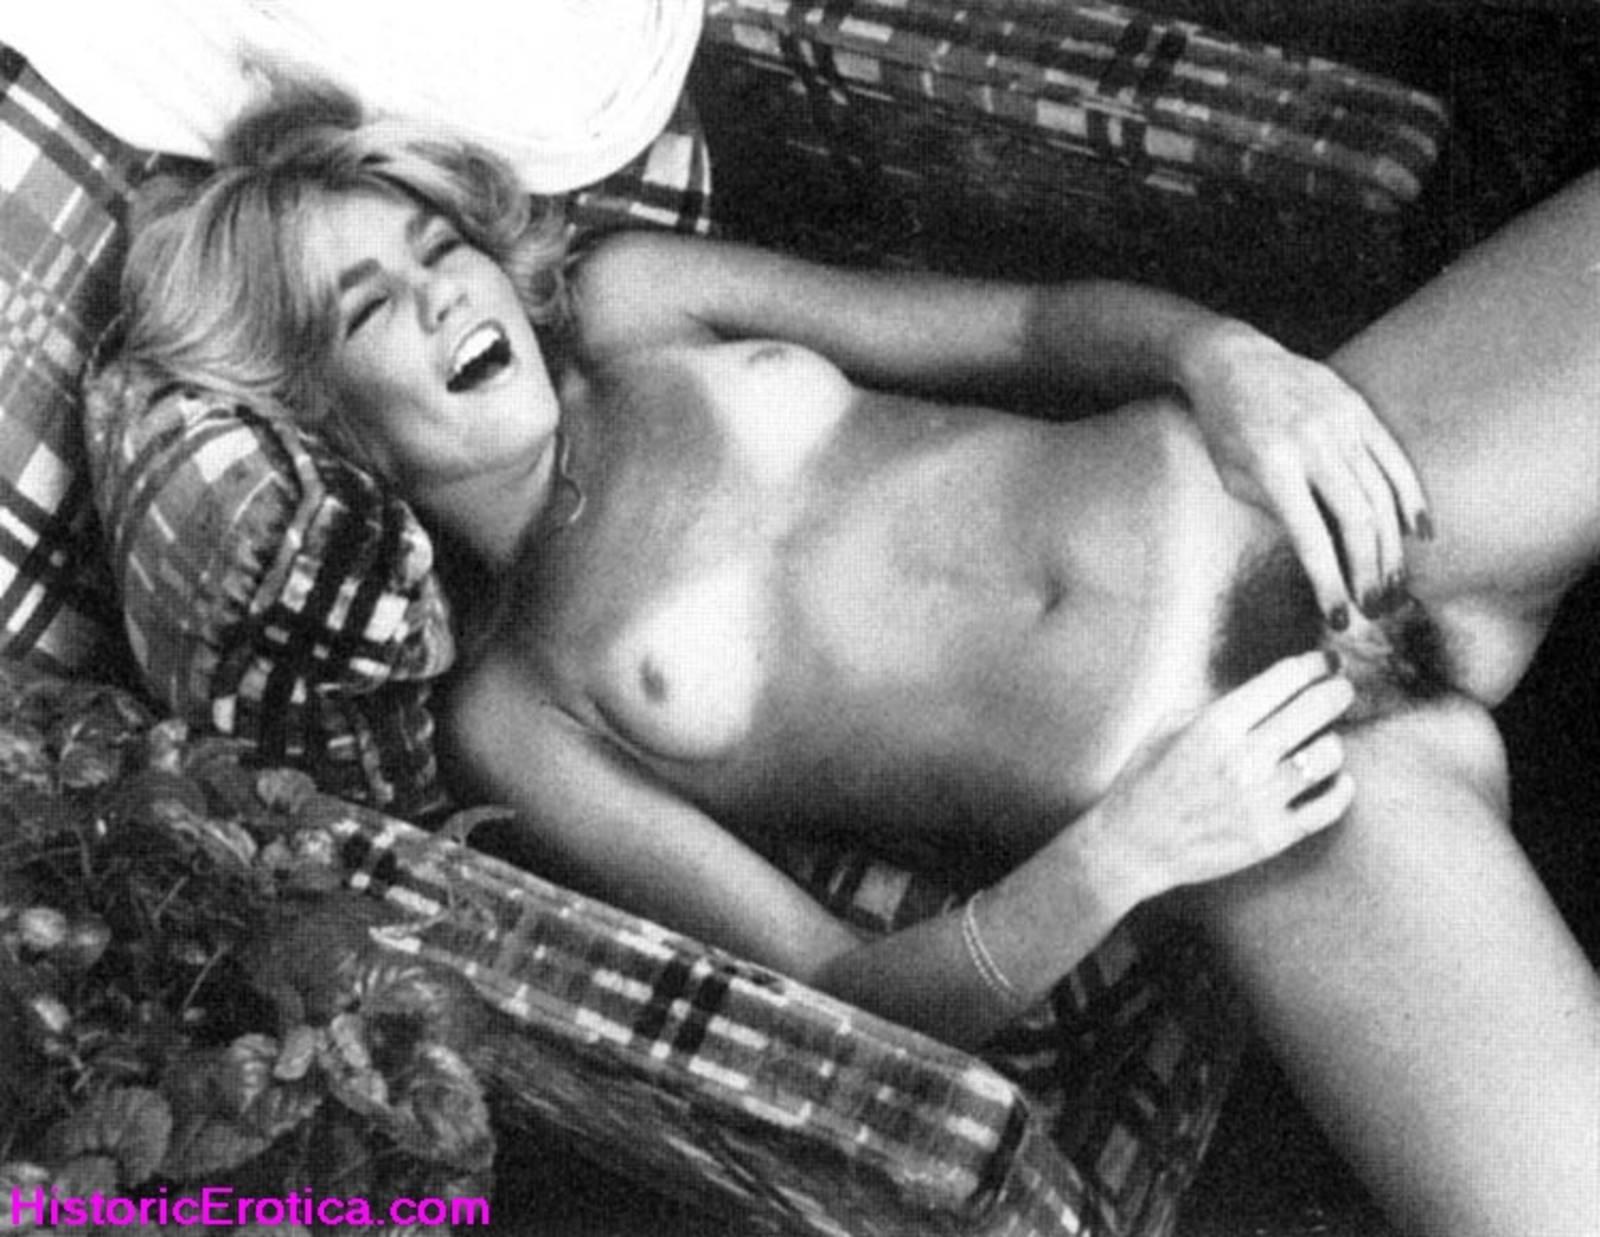 retro-porno-masturbatsiya